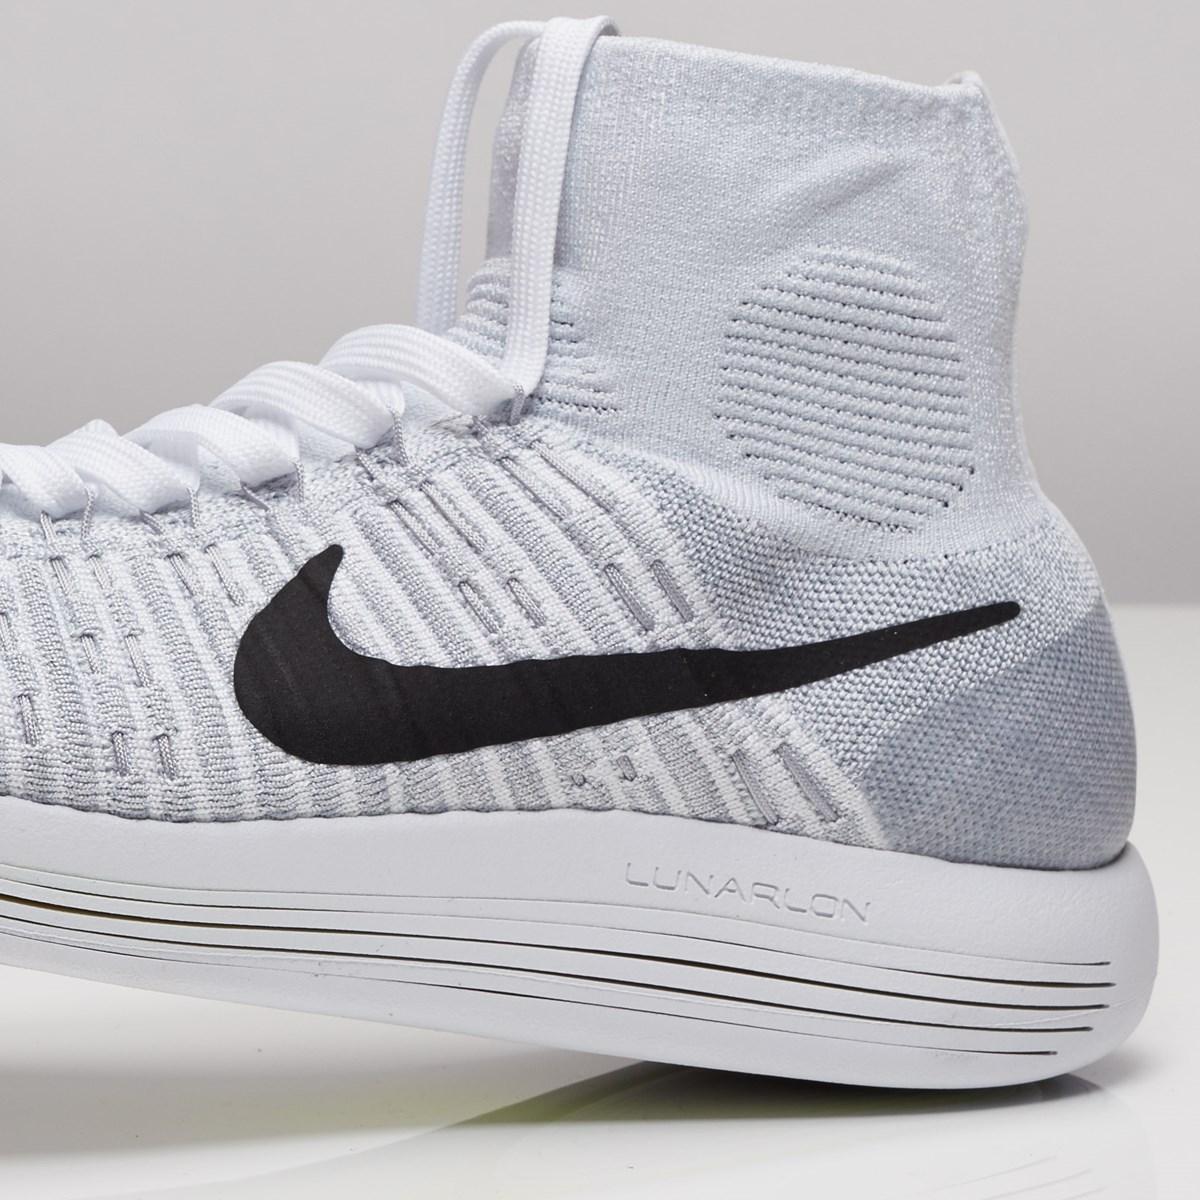 db998b9b7f1 Nike Lunarepic Flyknit - 818676-102 - Sneakersnstuff